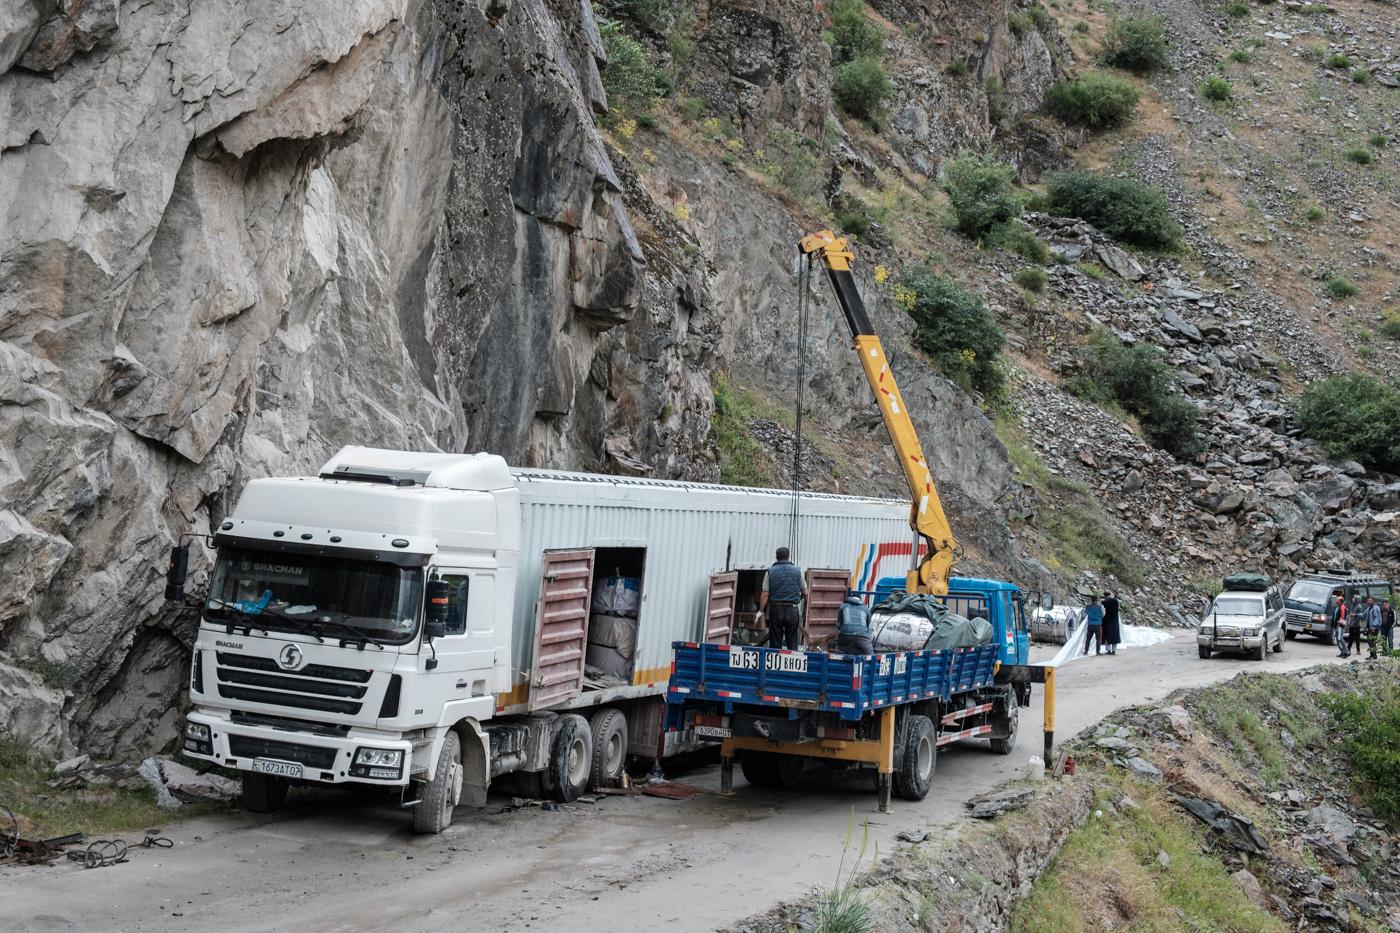 Abenteuer Pamir Highway - Ein liegen gebliebener LKW muss per Kran entladen werden.